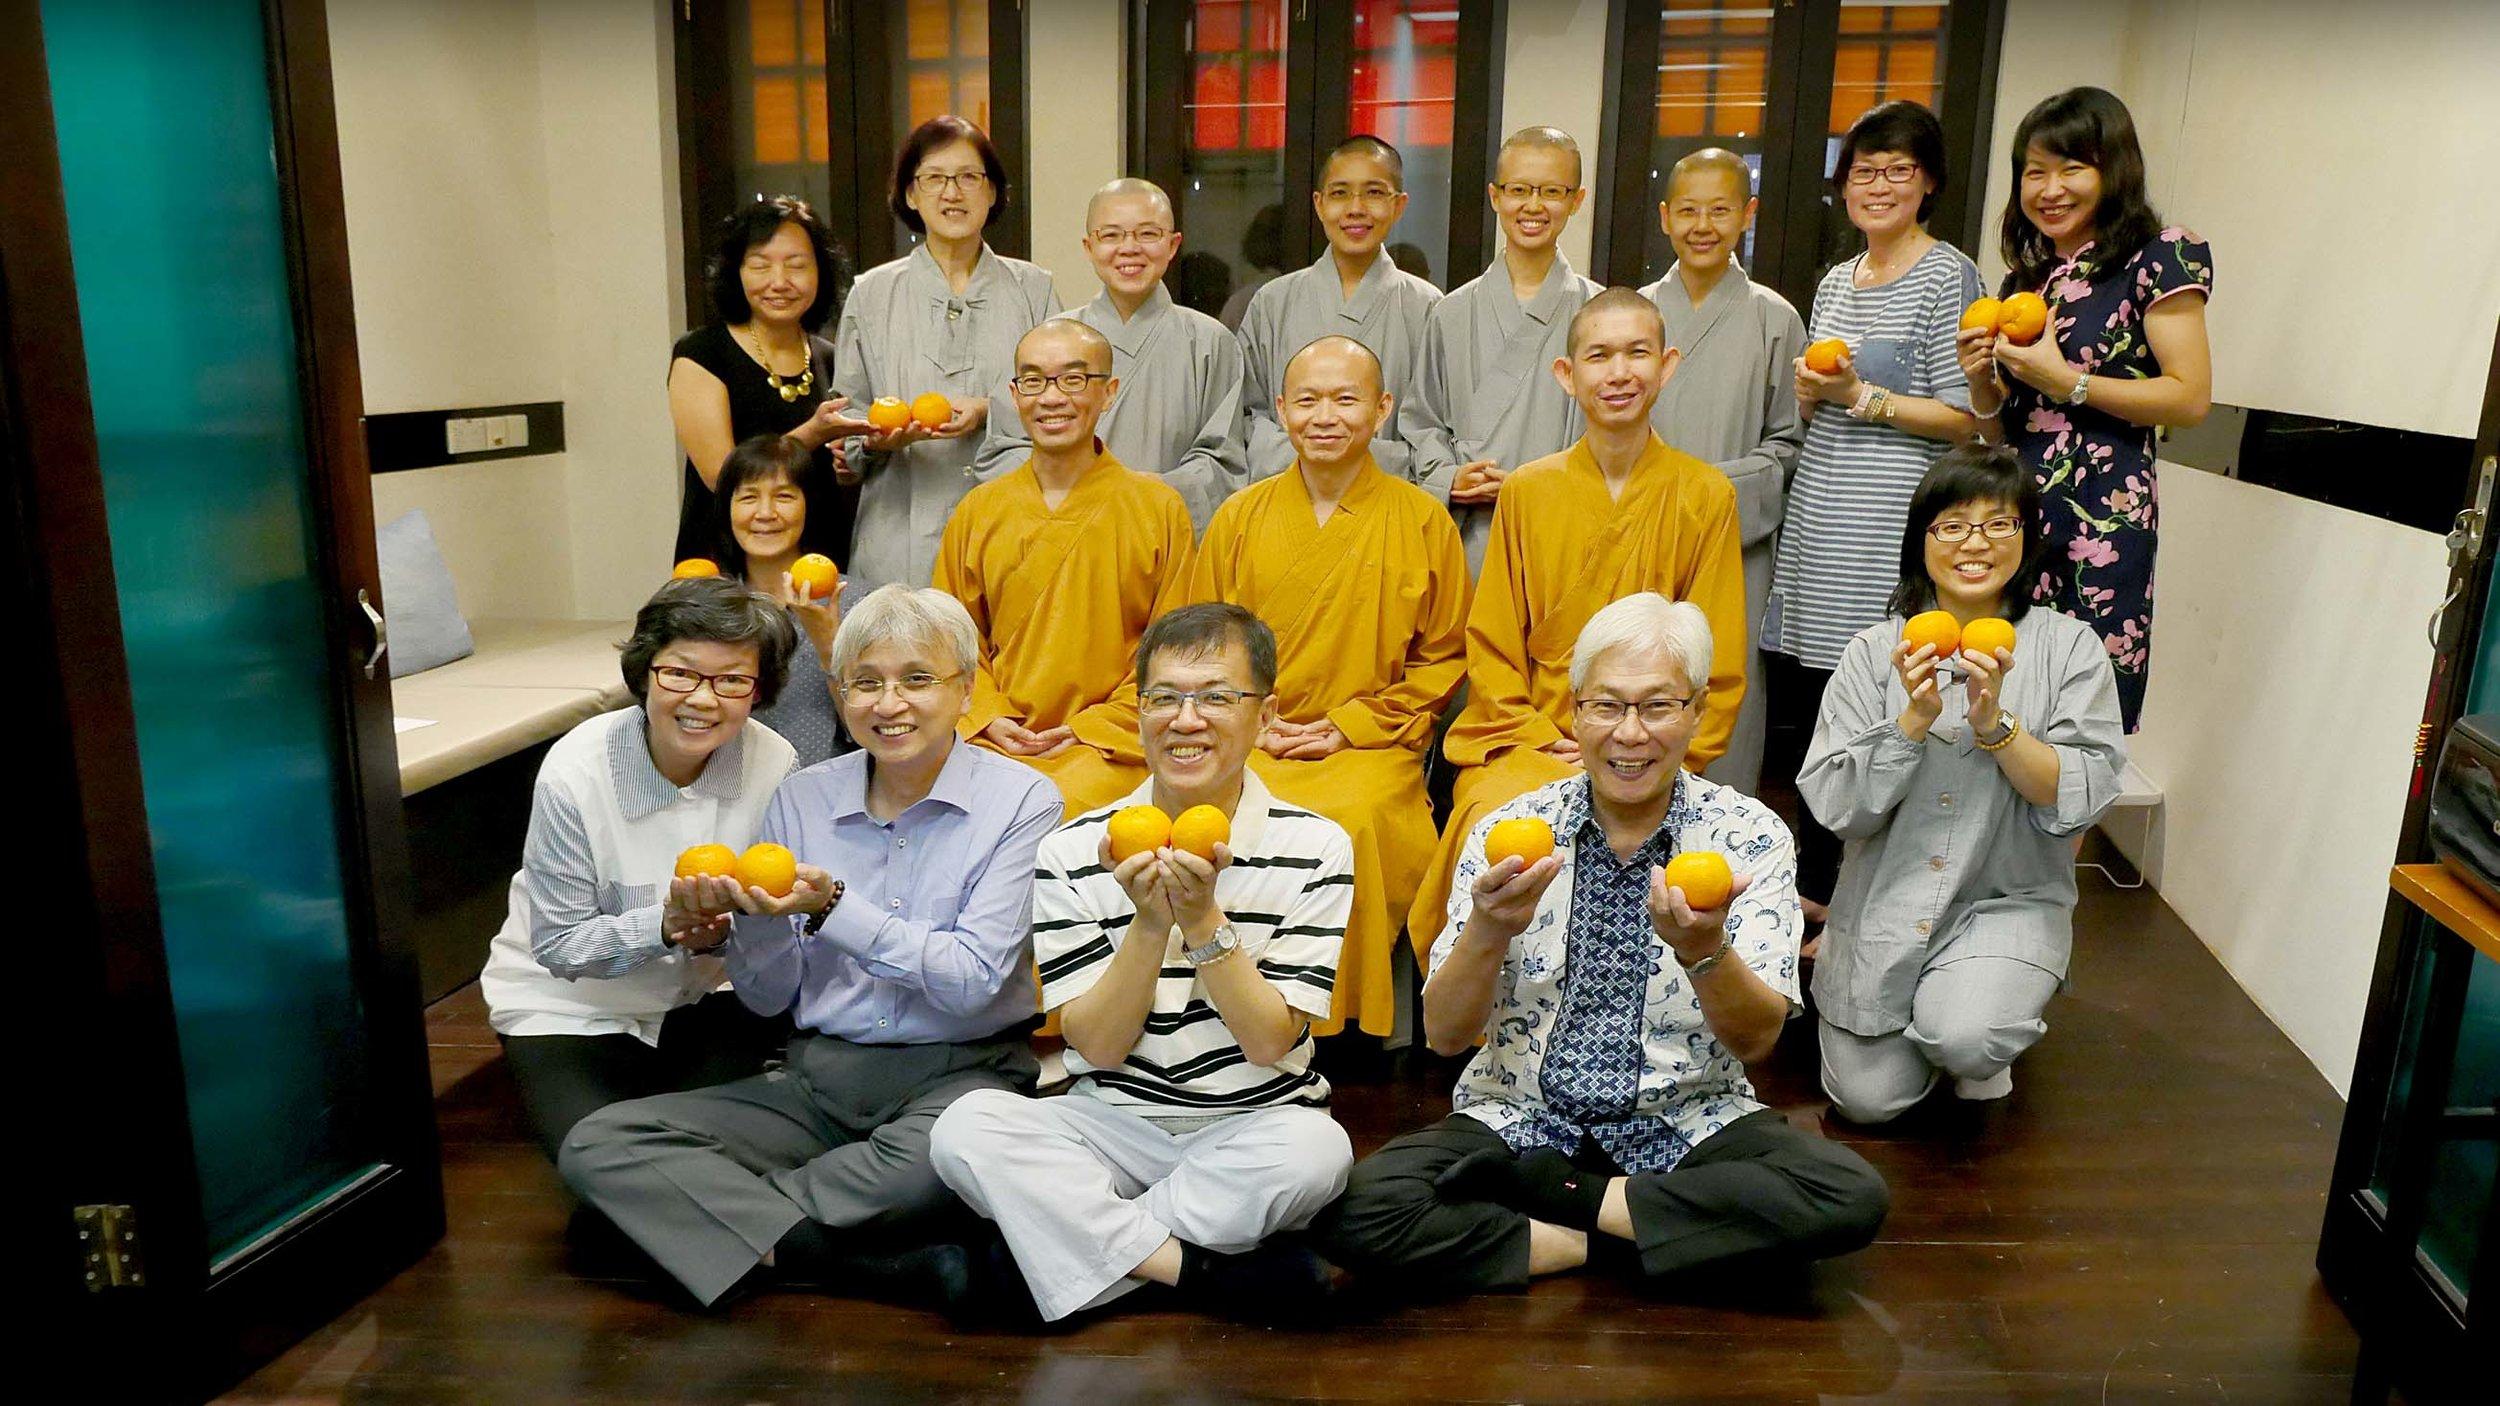 2017年2月17日,净远法师善巧地一步步带领僧俗二众走进禅修。